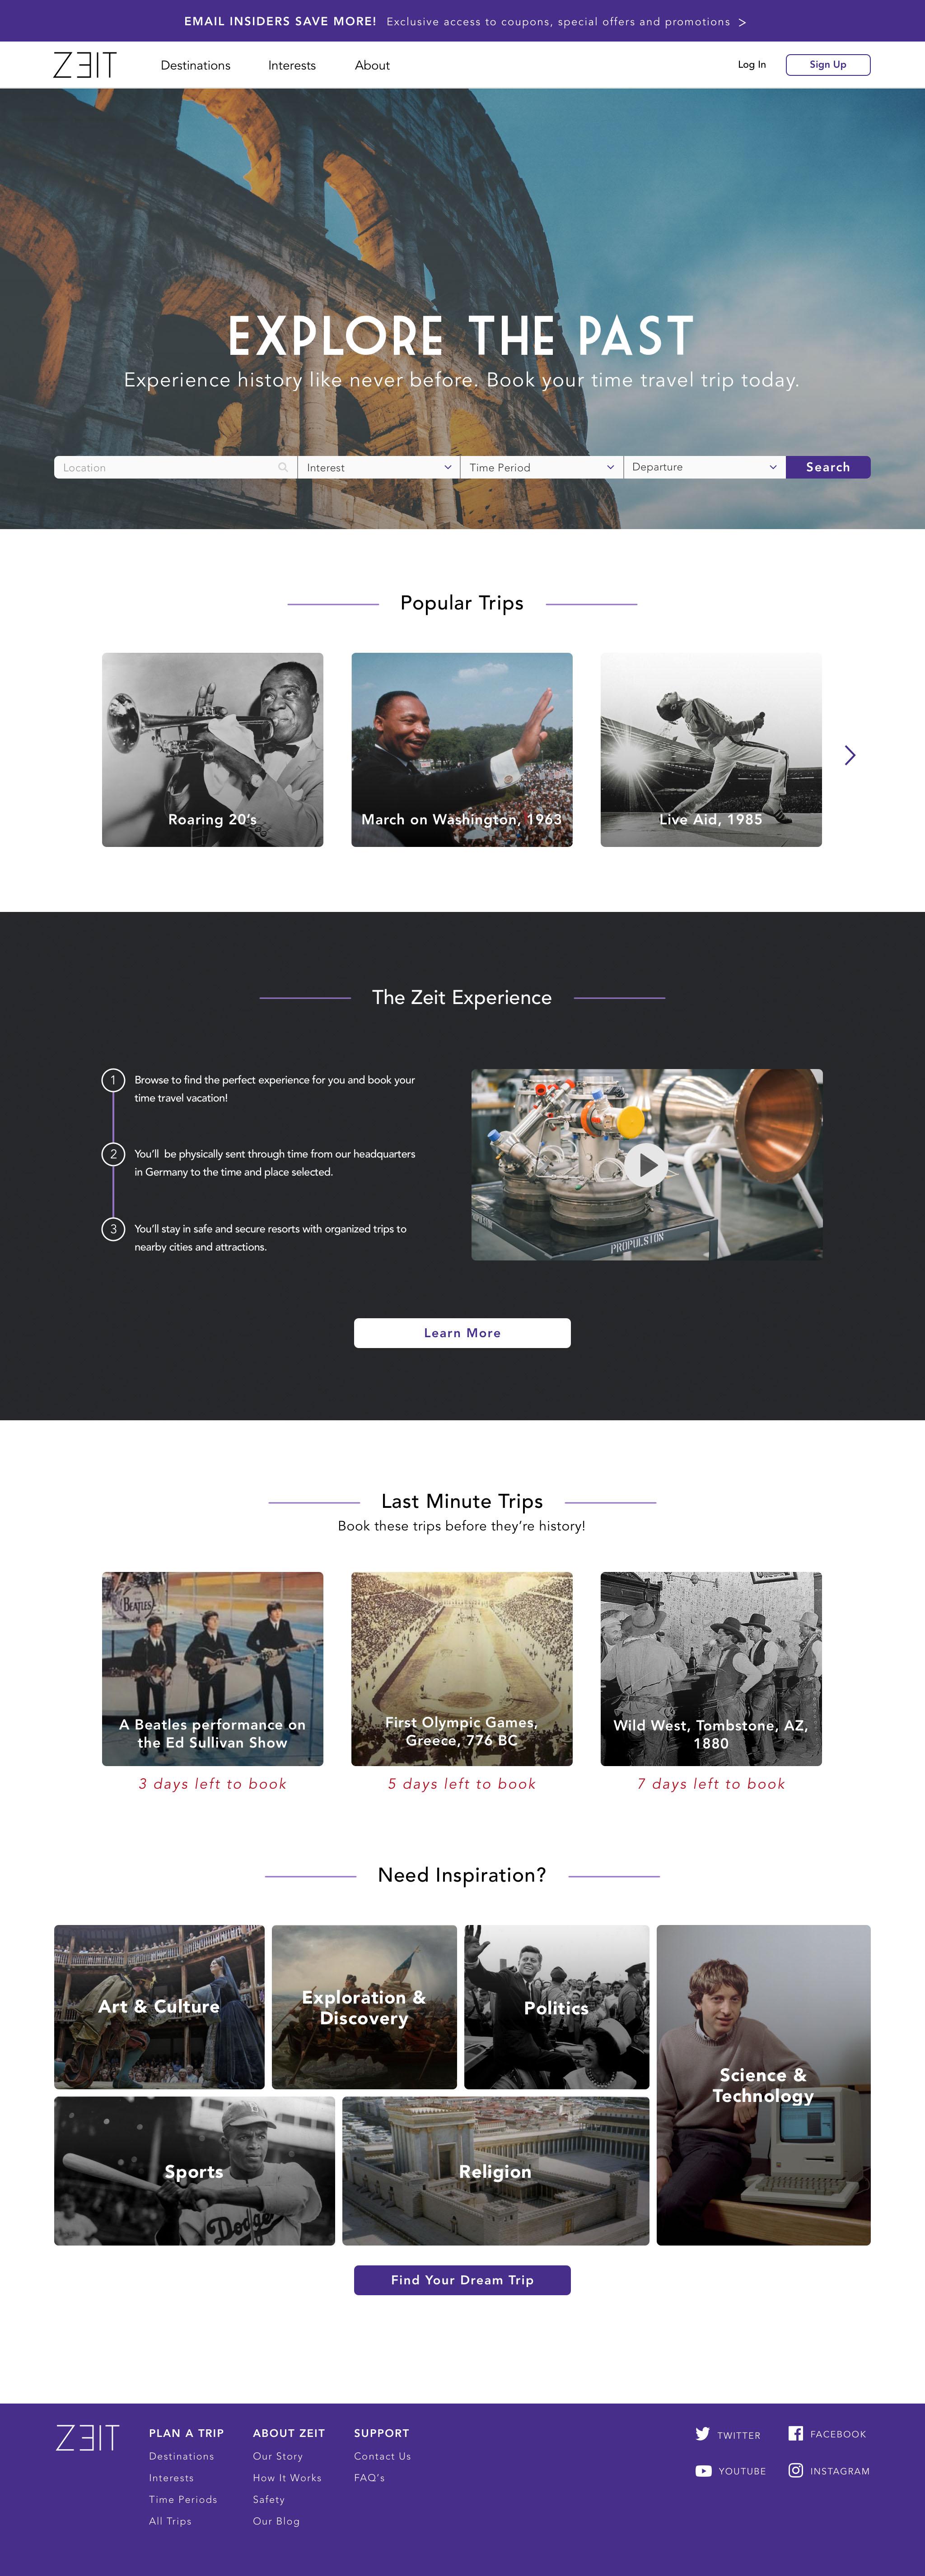 Homepage 2x